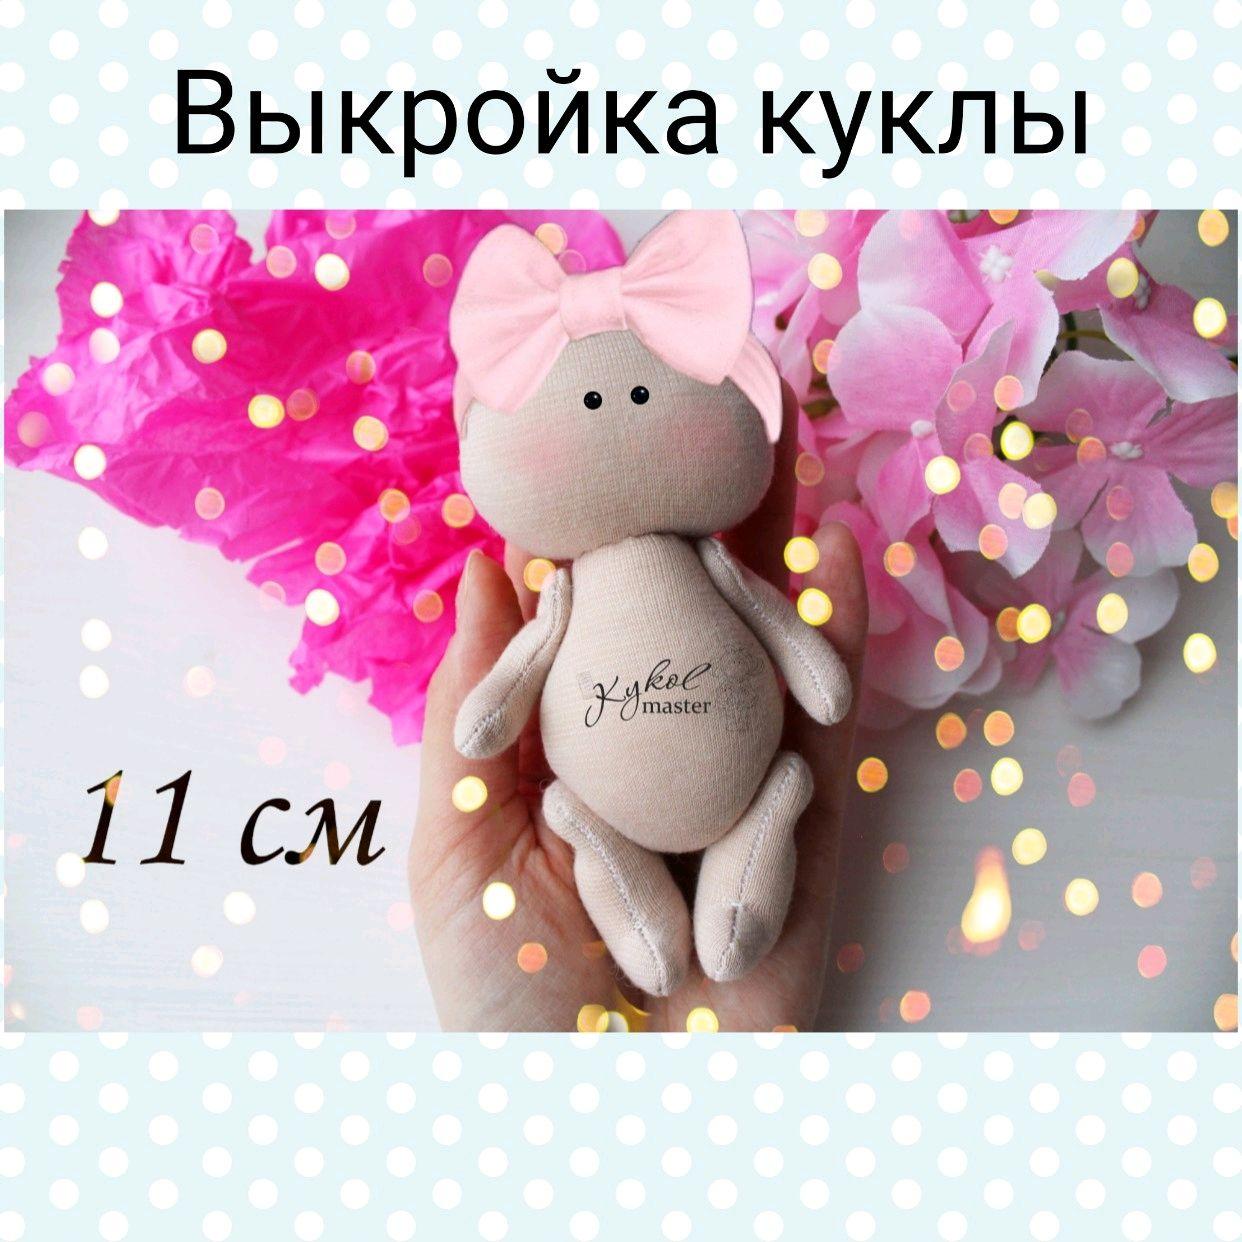 10 - 11 см выкройка текстильной куклы малышки брелочка кукла брелок, Выкройки для кукол и игрушек, Видное,  Фото №1